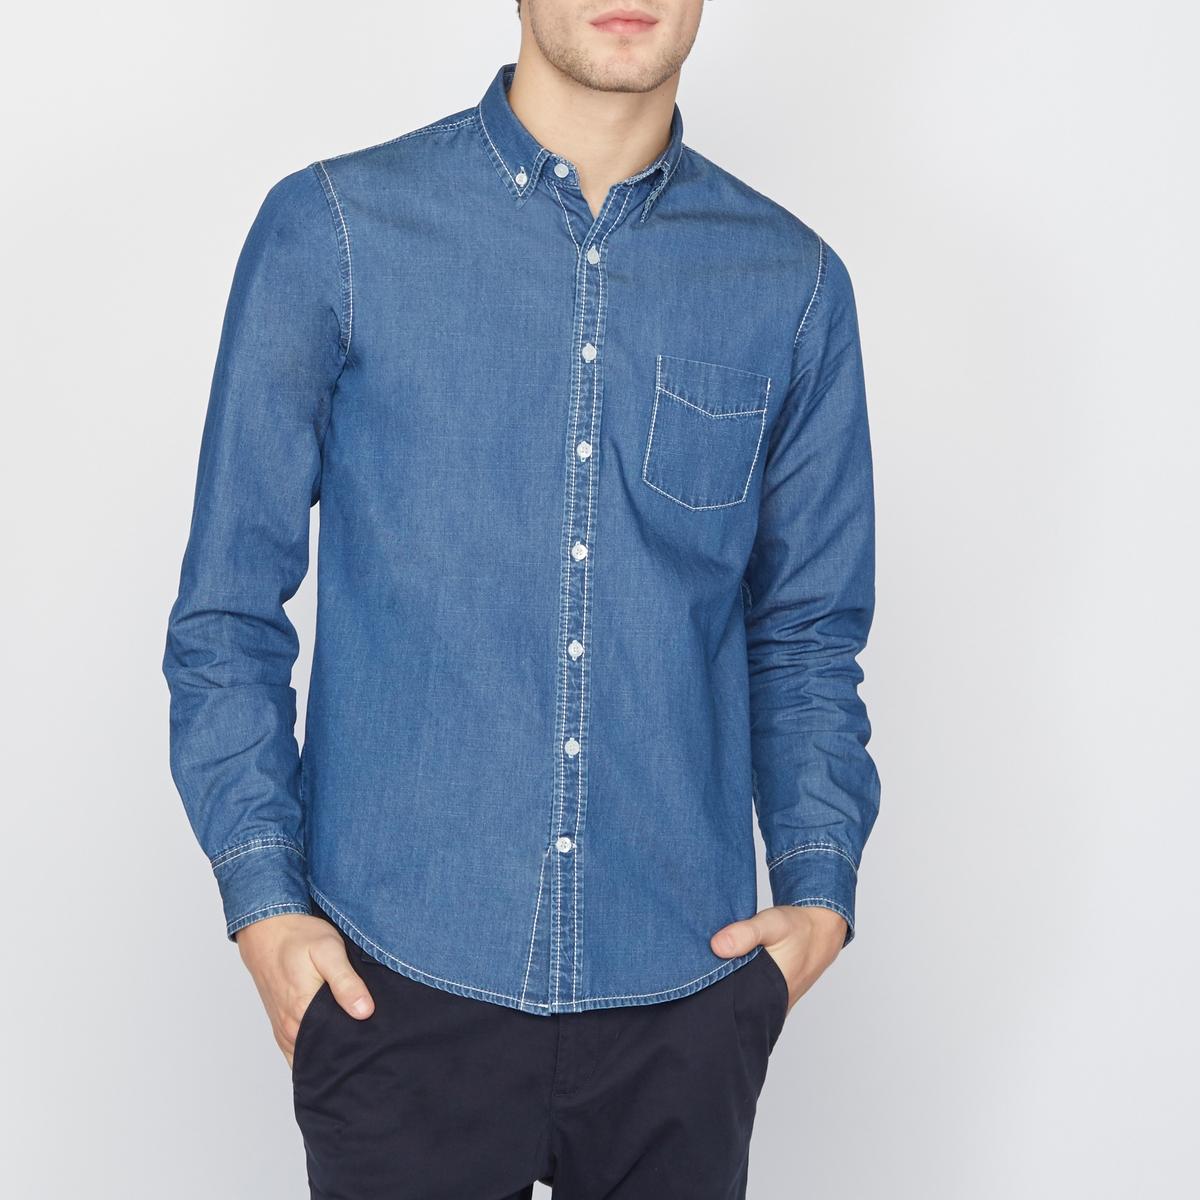 Рубашка рубашка в клетку из денима gamix3